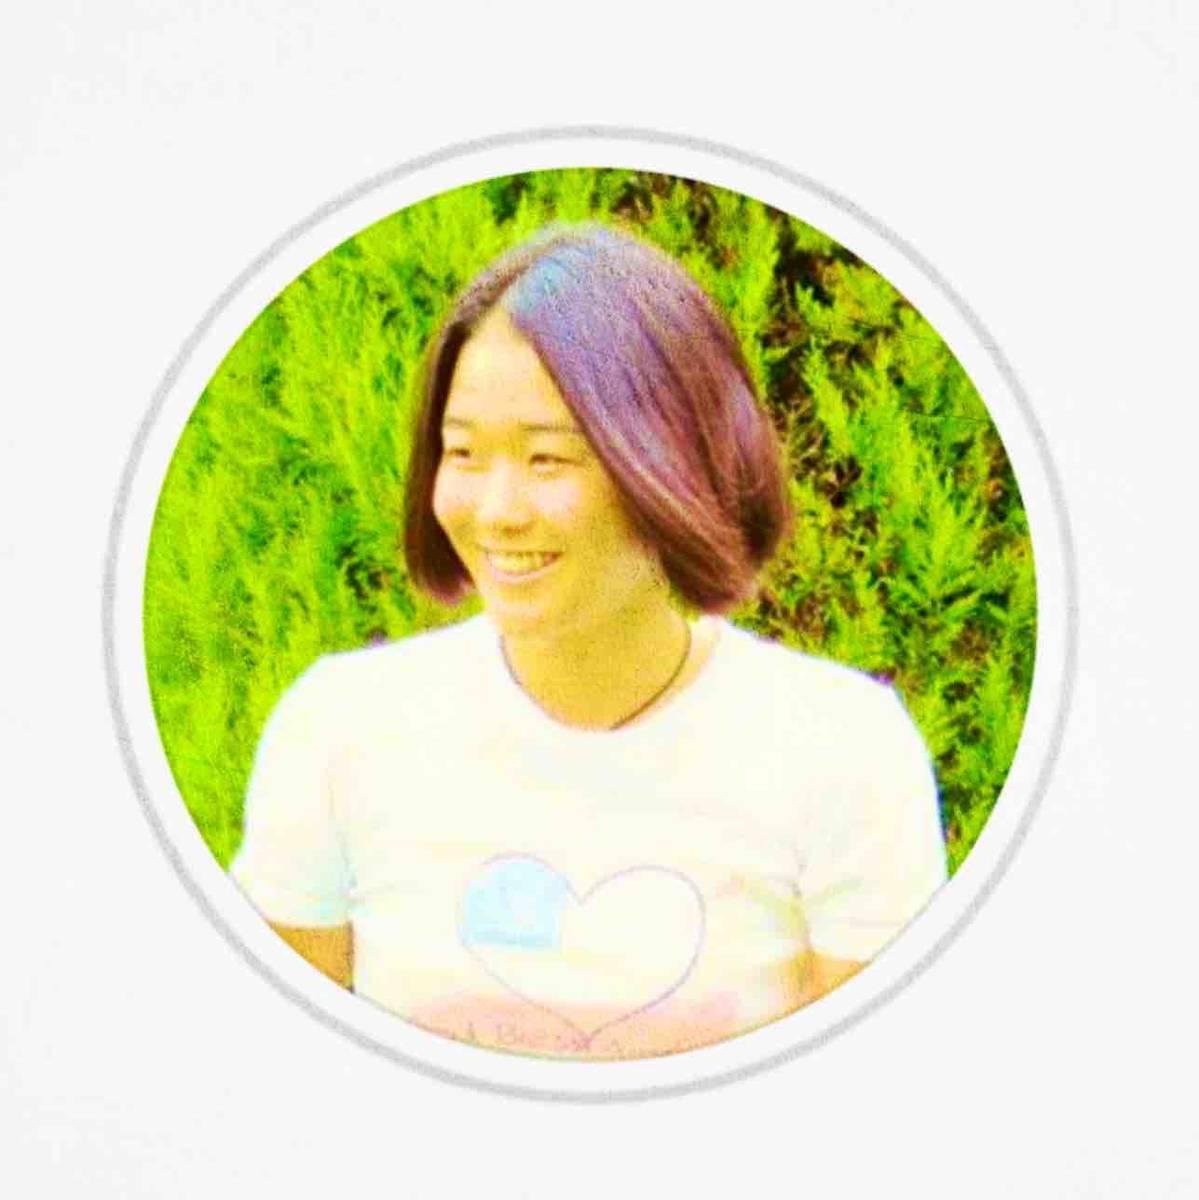 f:id:kaedetaniyoshi:20200413033511j:plain